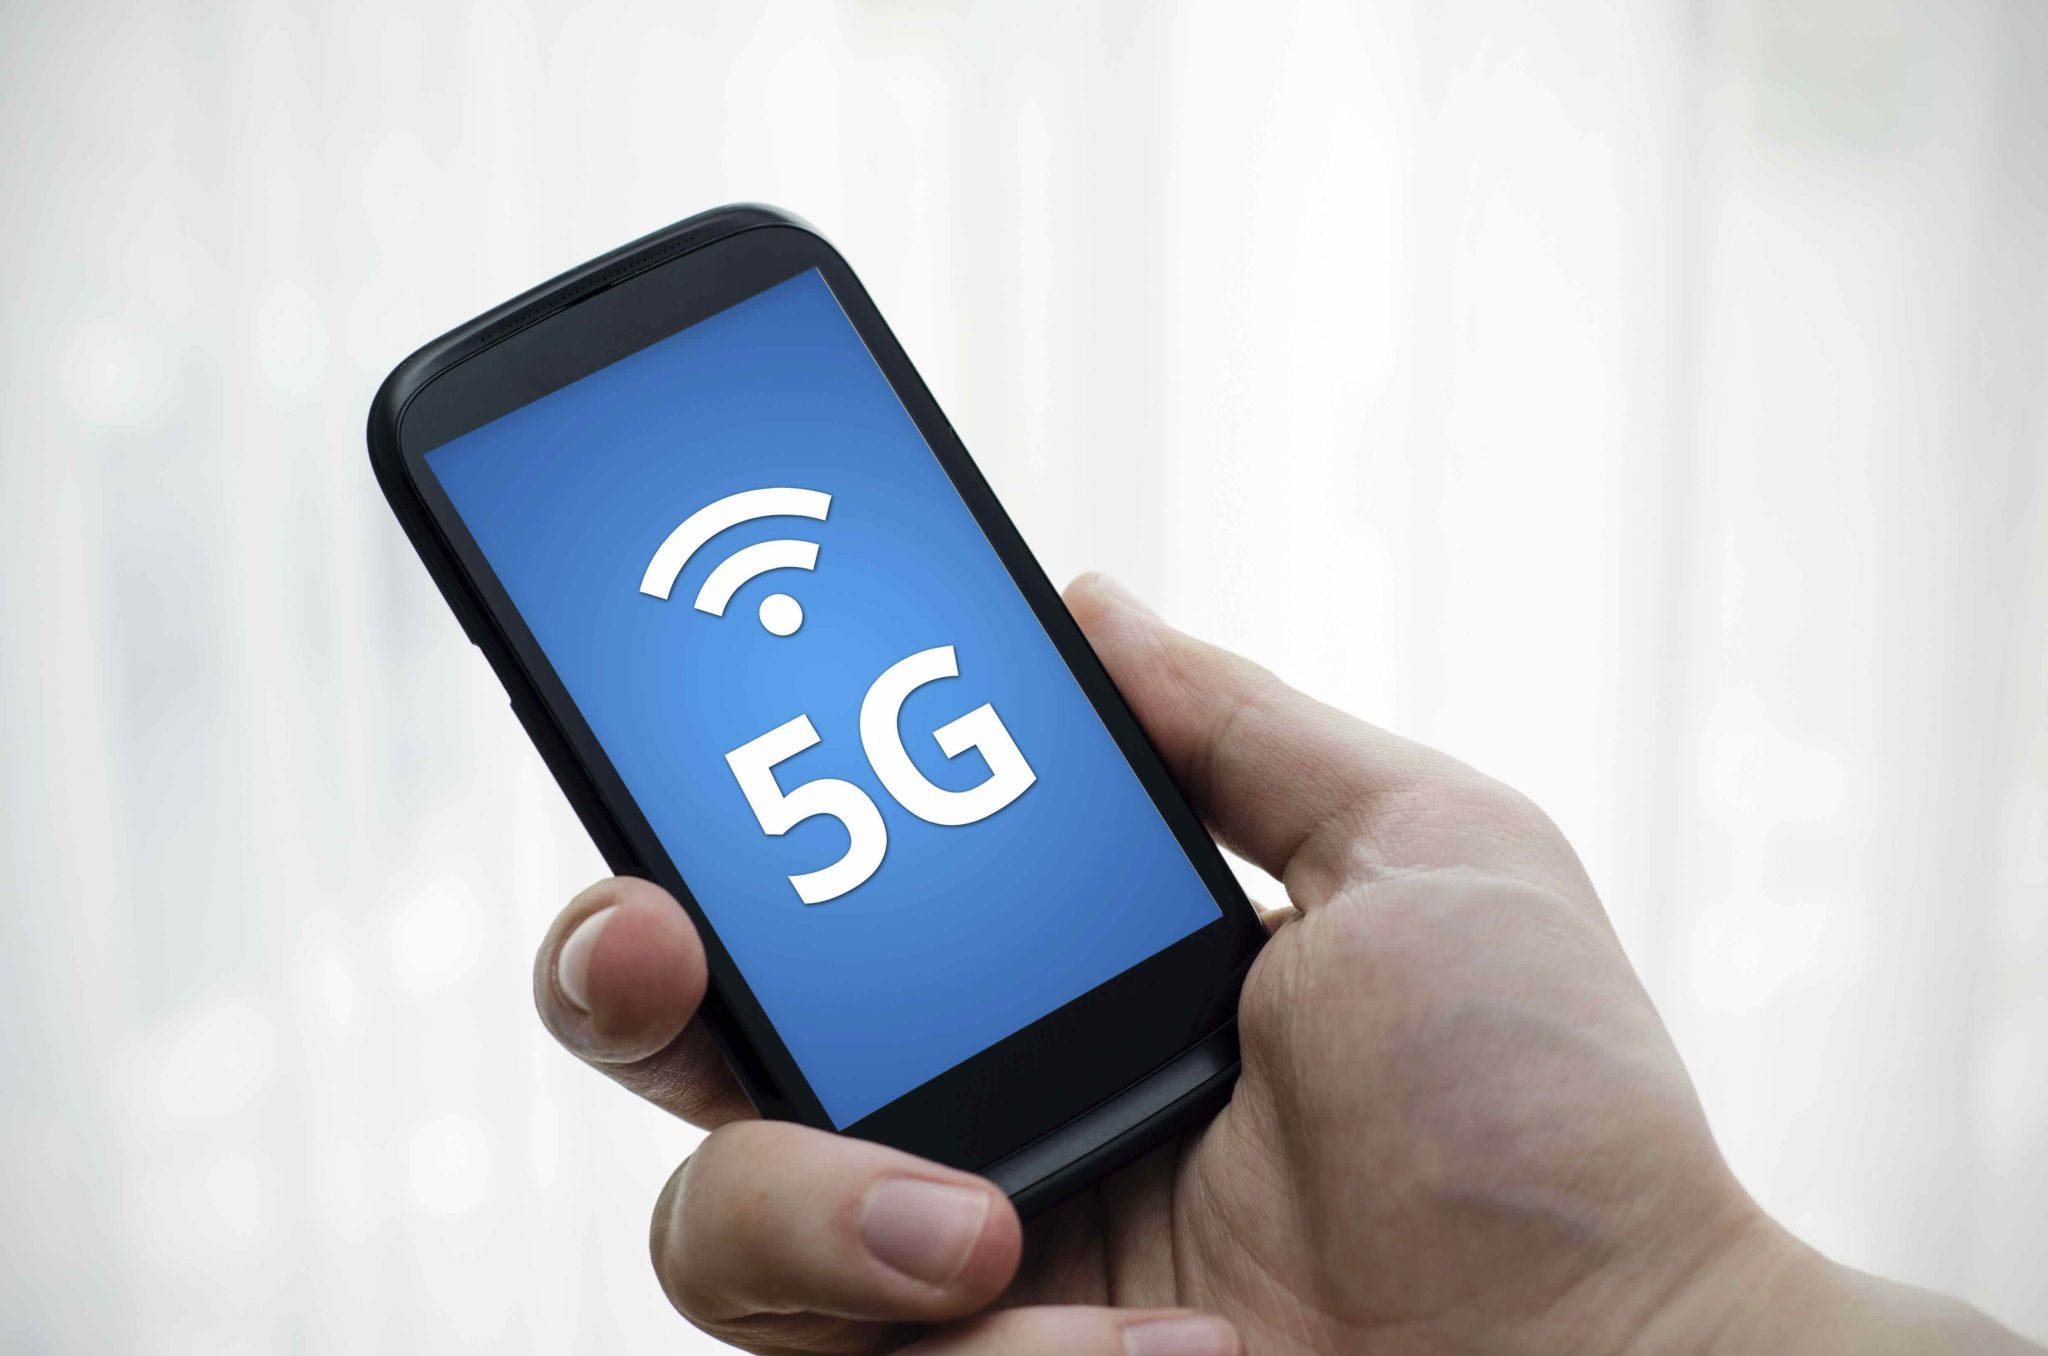 Nokia a Docomo úspěšně zkouší 5G sítě v Japonsku